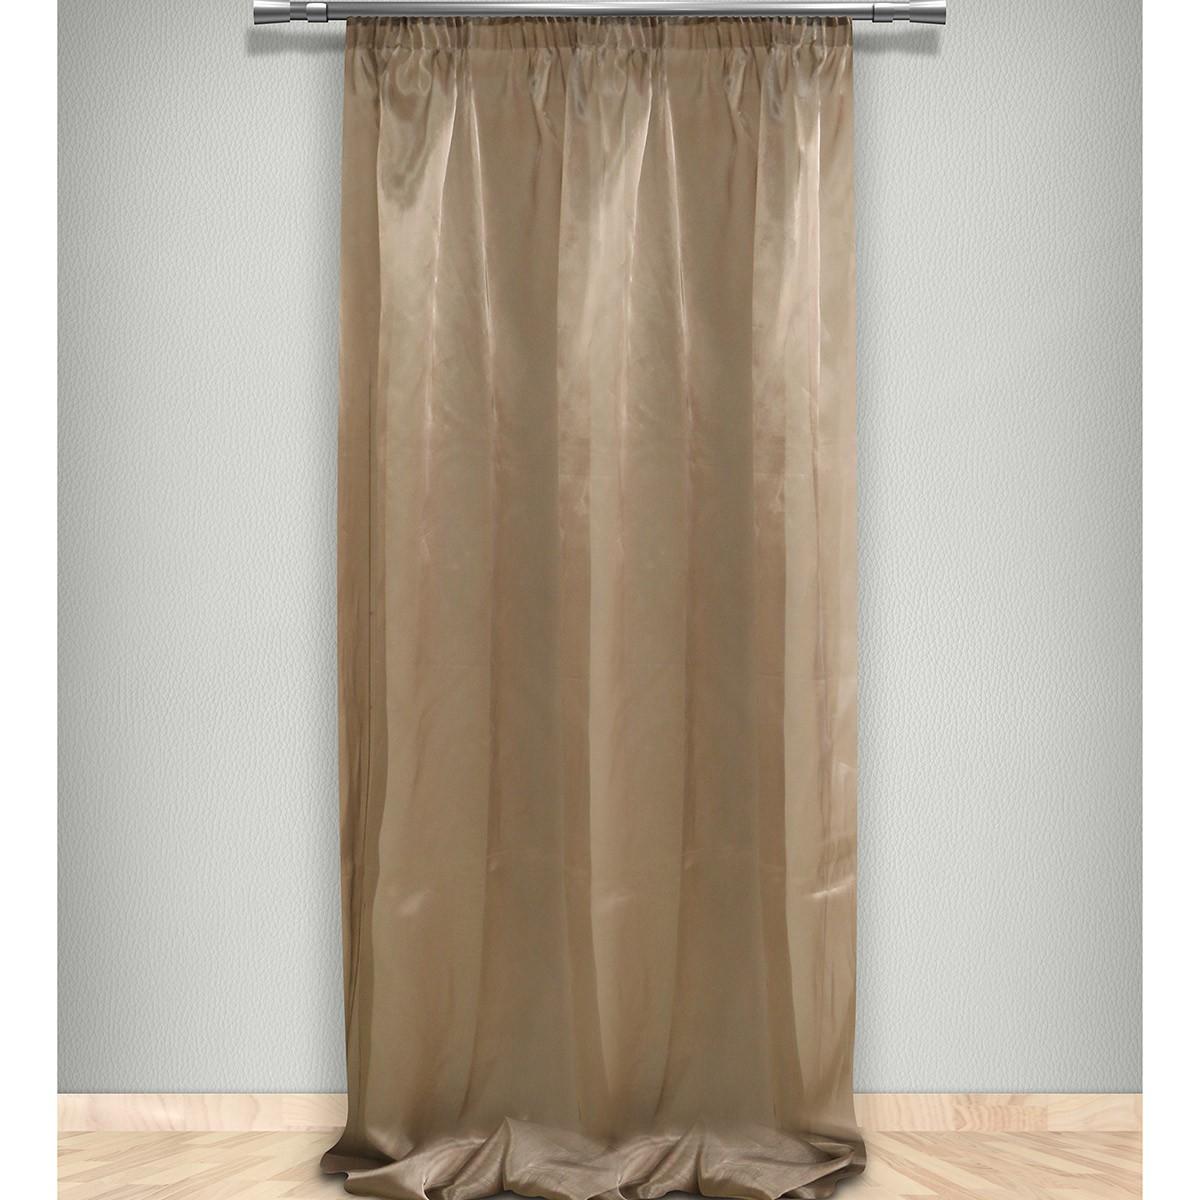 Κουρτίνα (145×320) Maison Blanche 7026211208